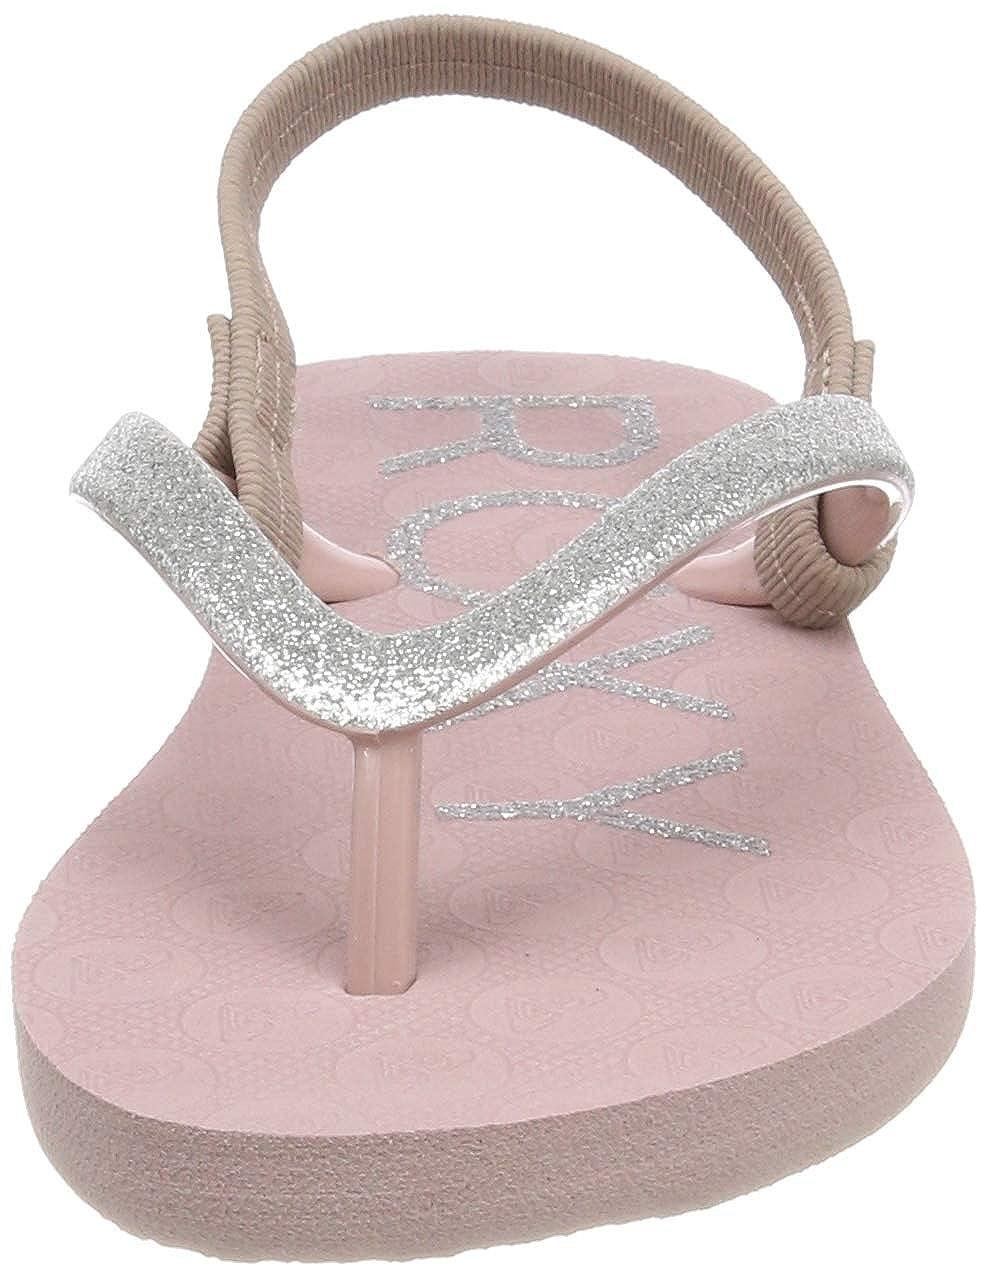 Roxy TW Viva Glitter II Sandalias para Beb/és